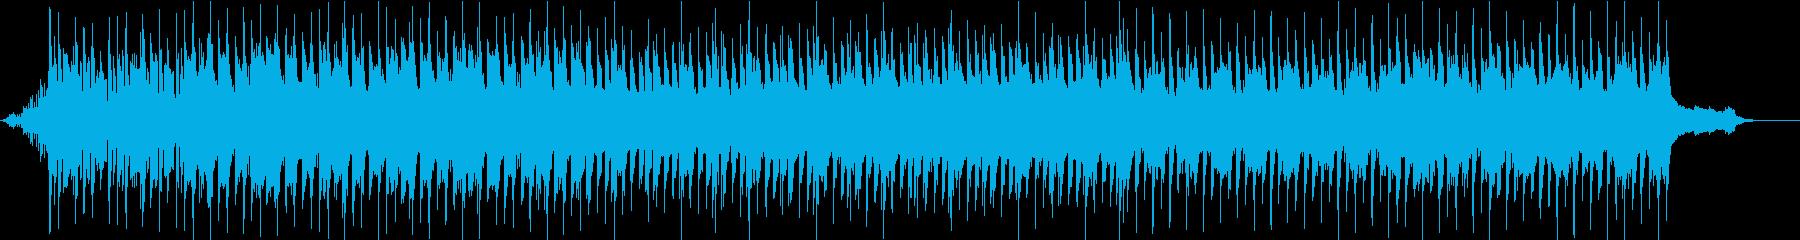 コンセプトアルバム:メインキャラク...の再生済みの波形